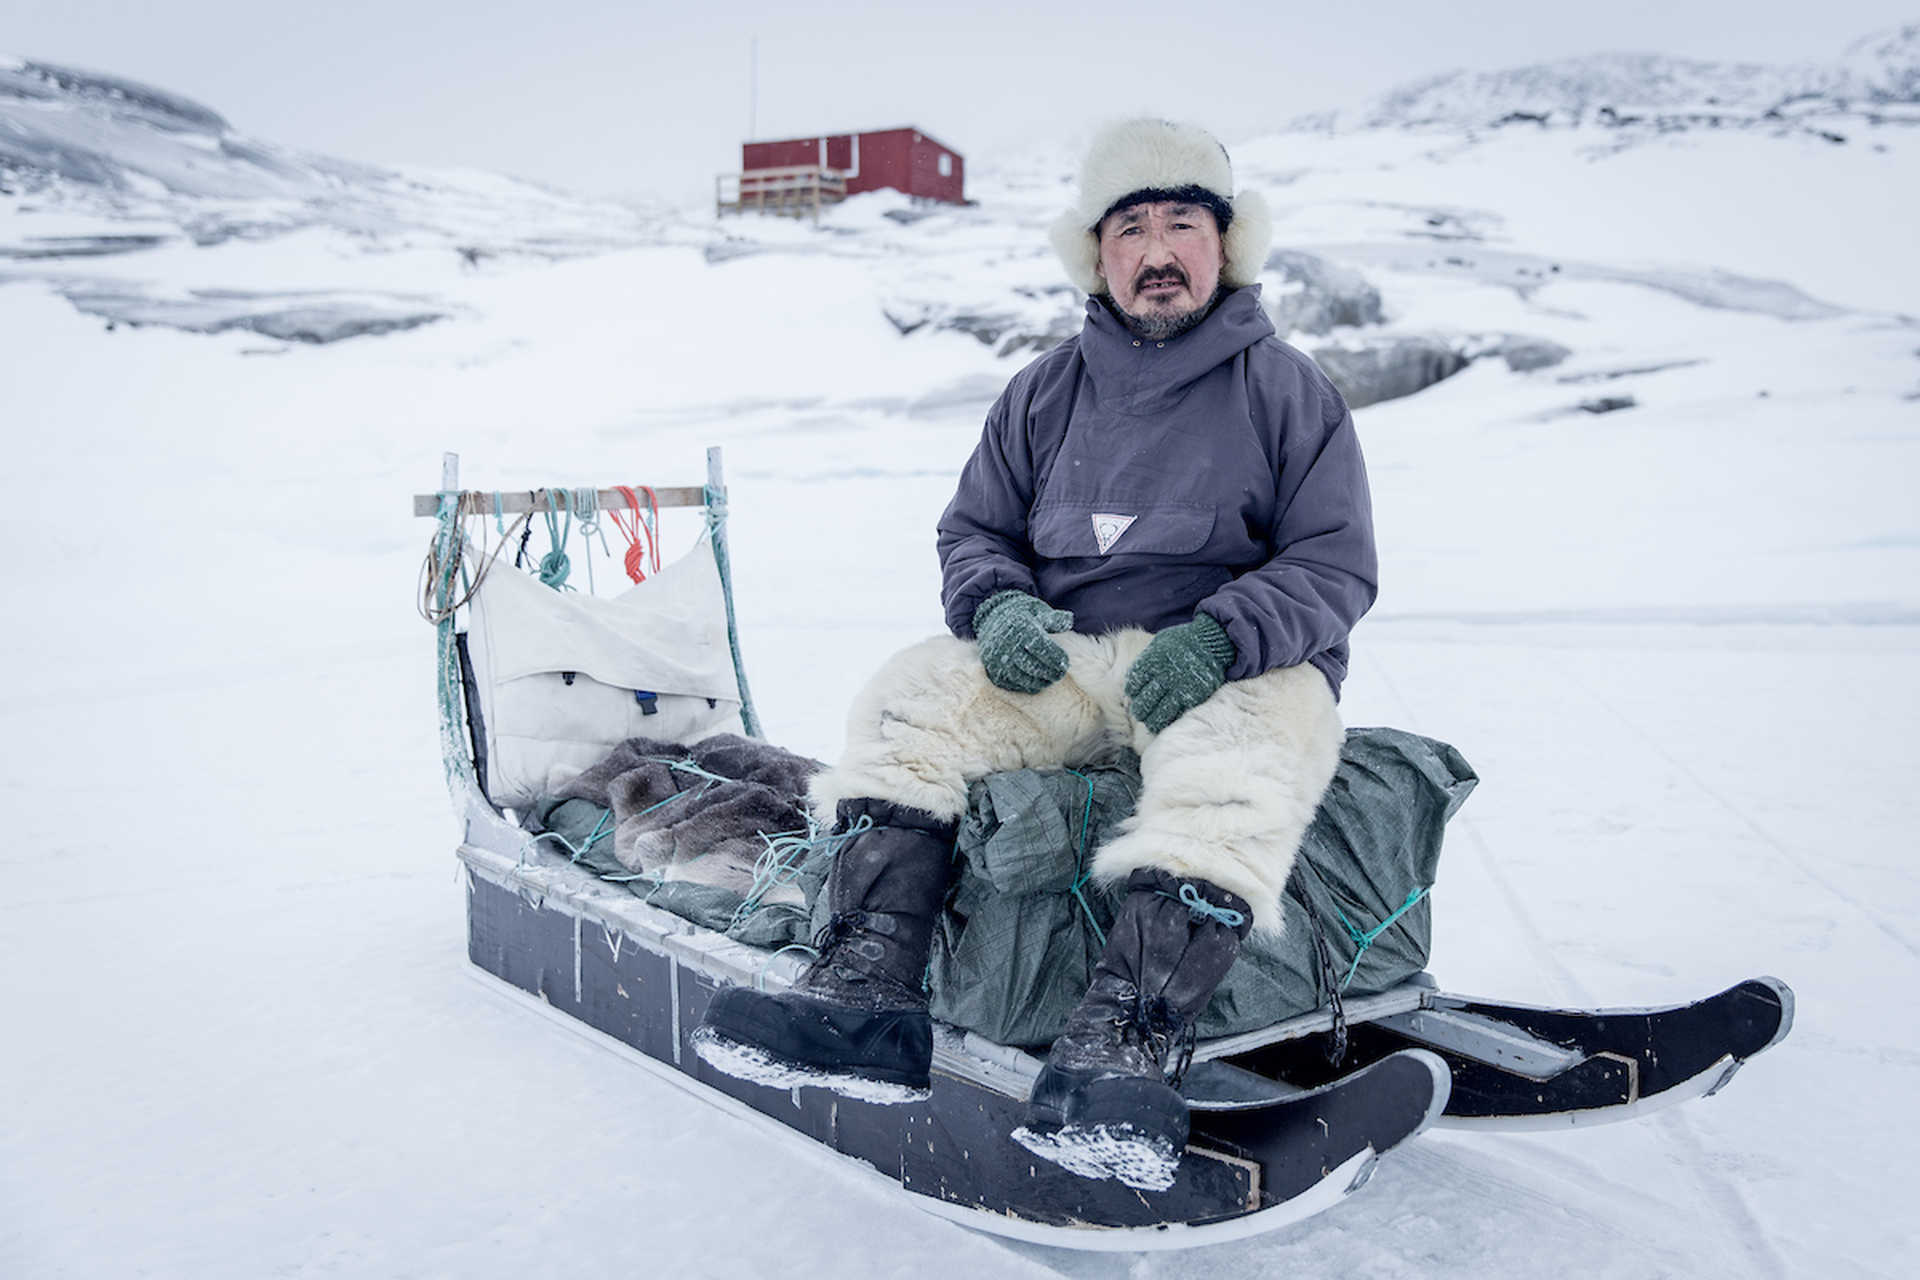 Inuit sur son traîneau à chiens au Groenland